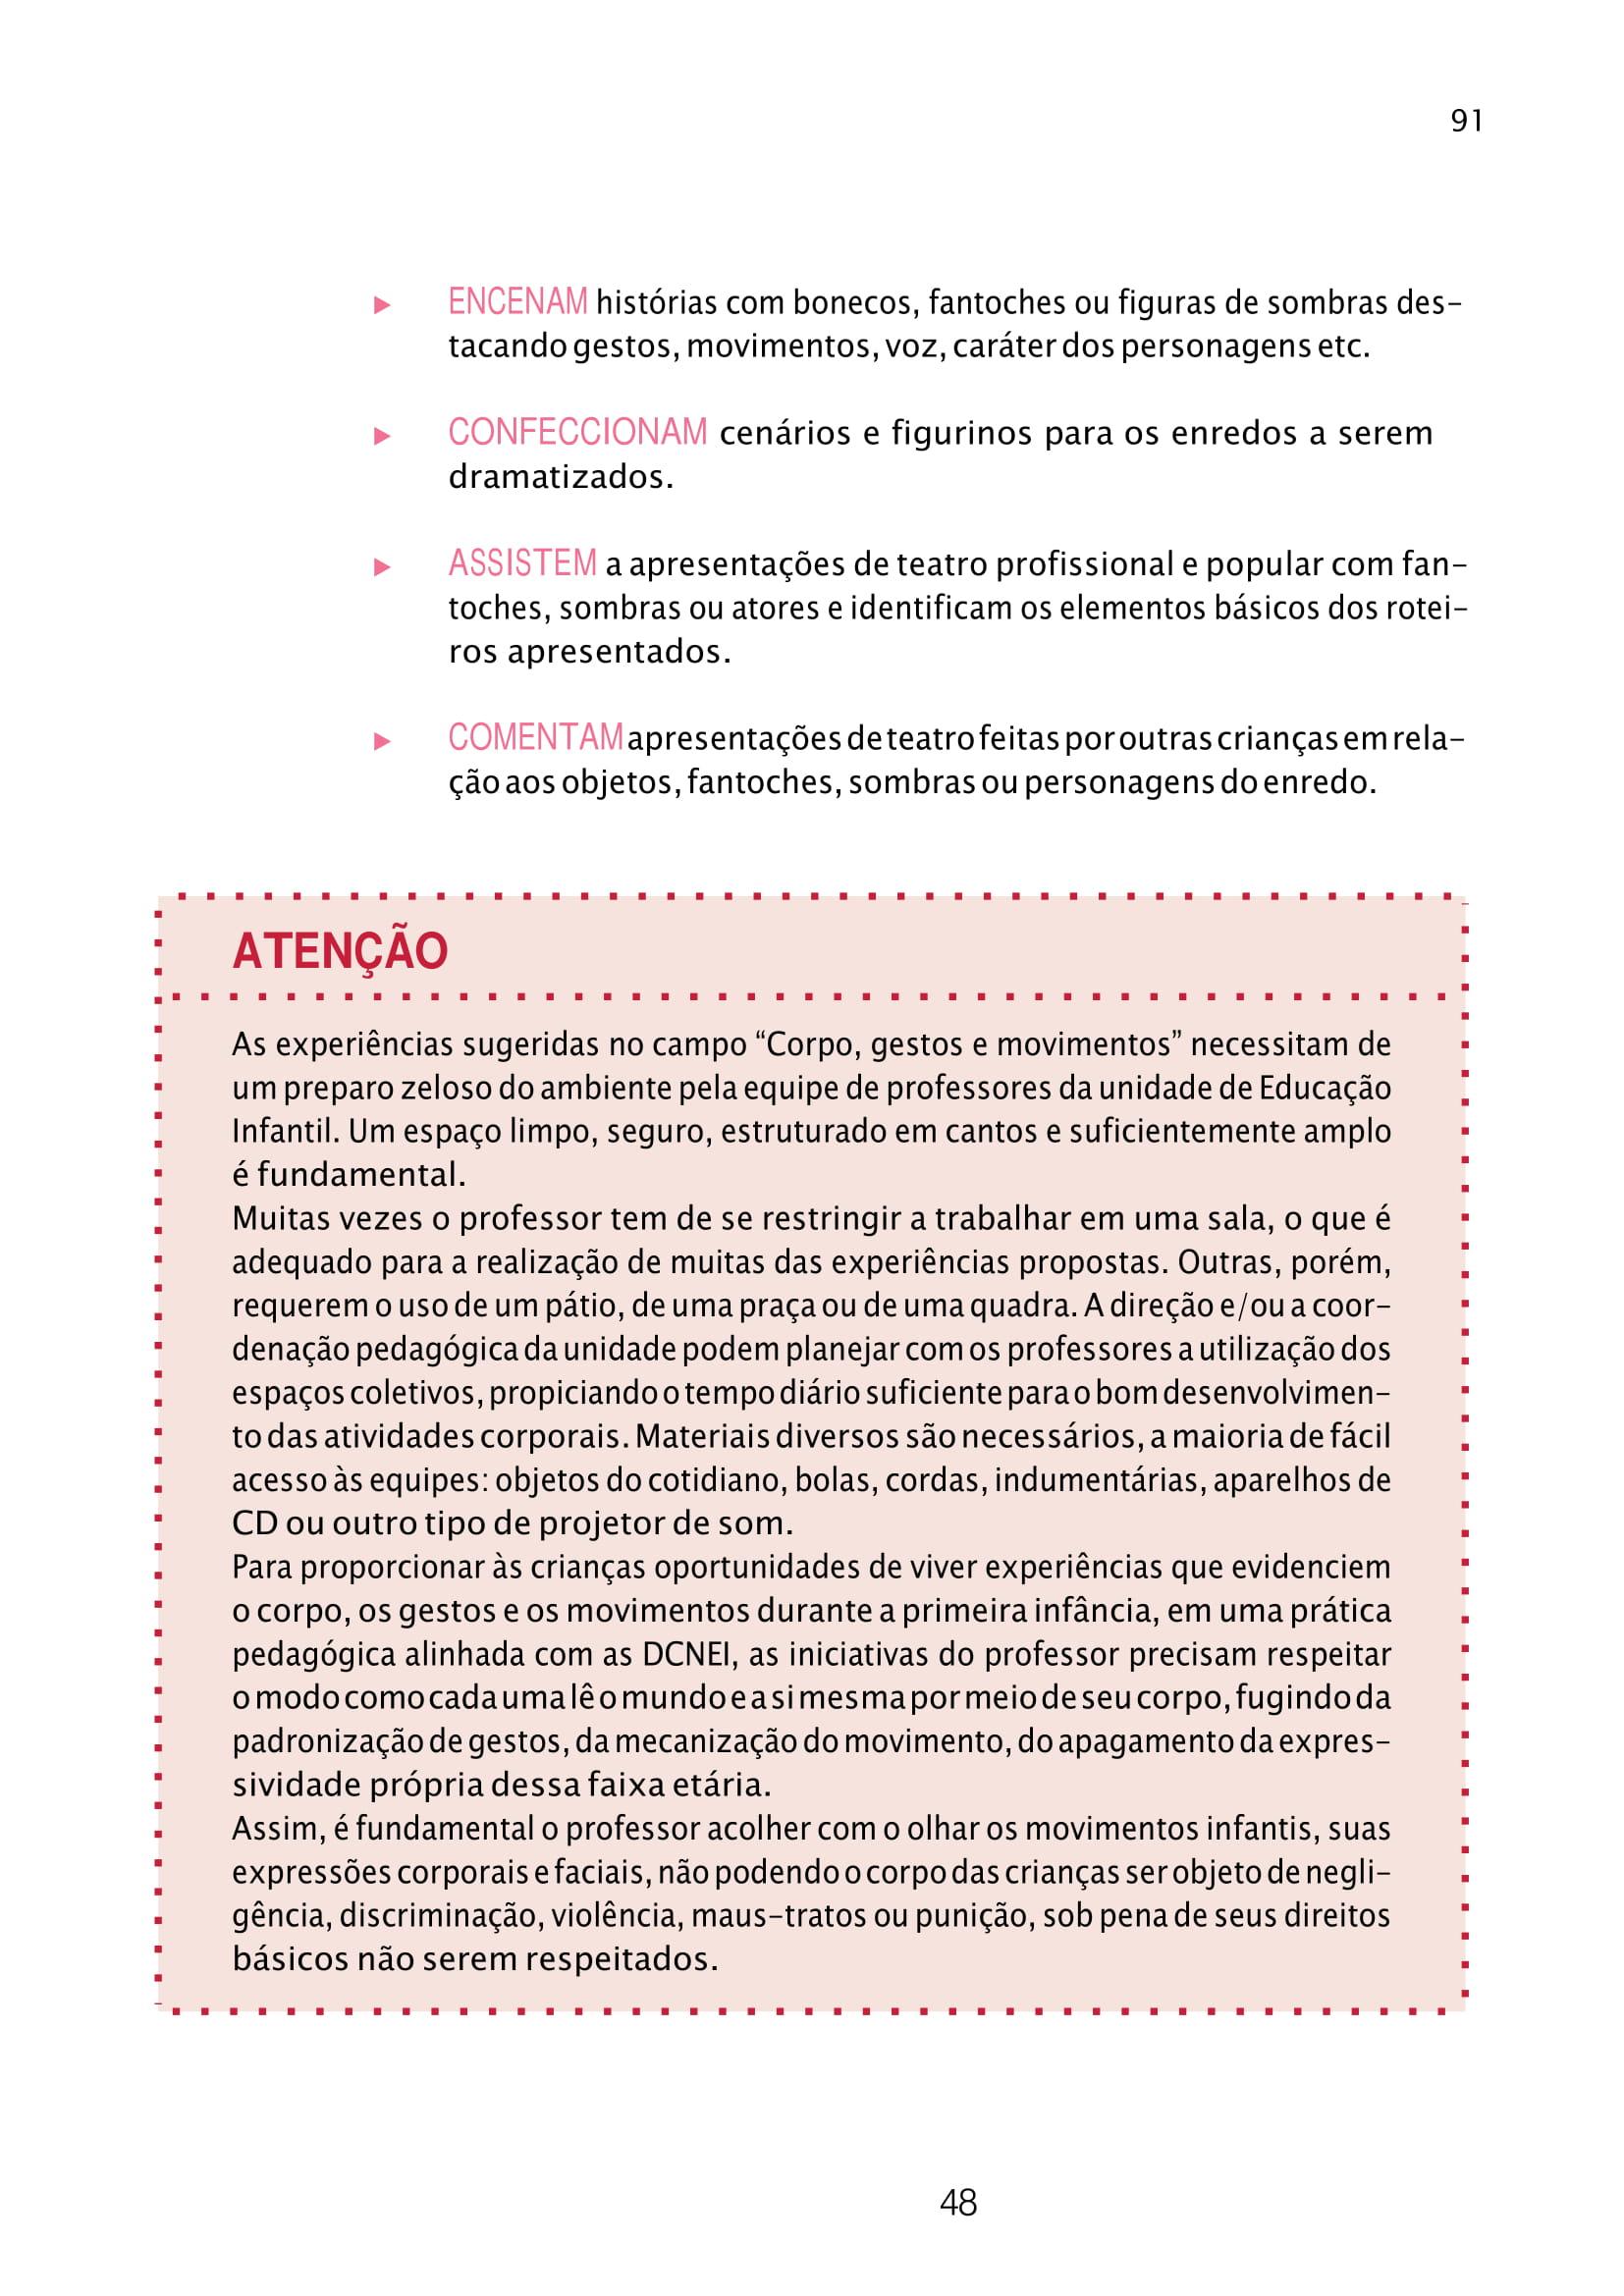 planejamento-educação-infantil-bncc-geral-121